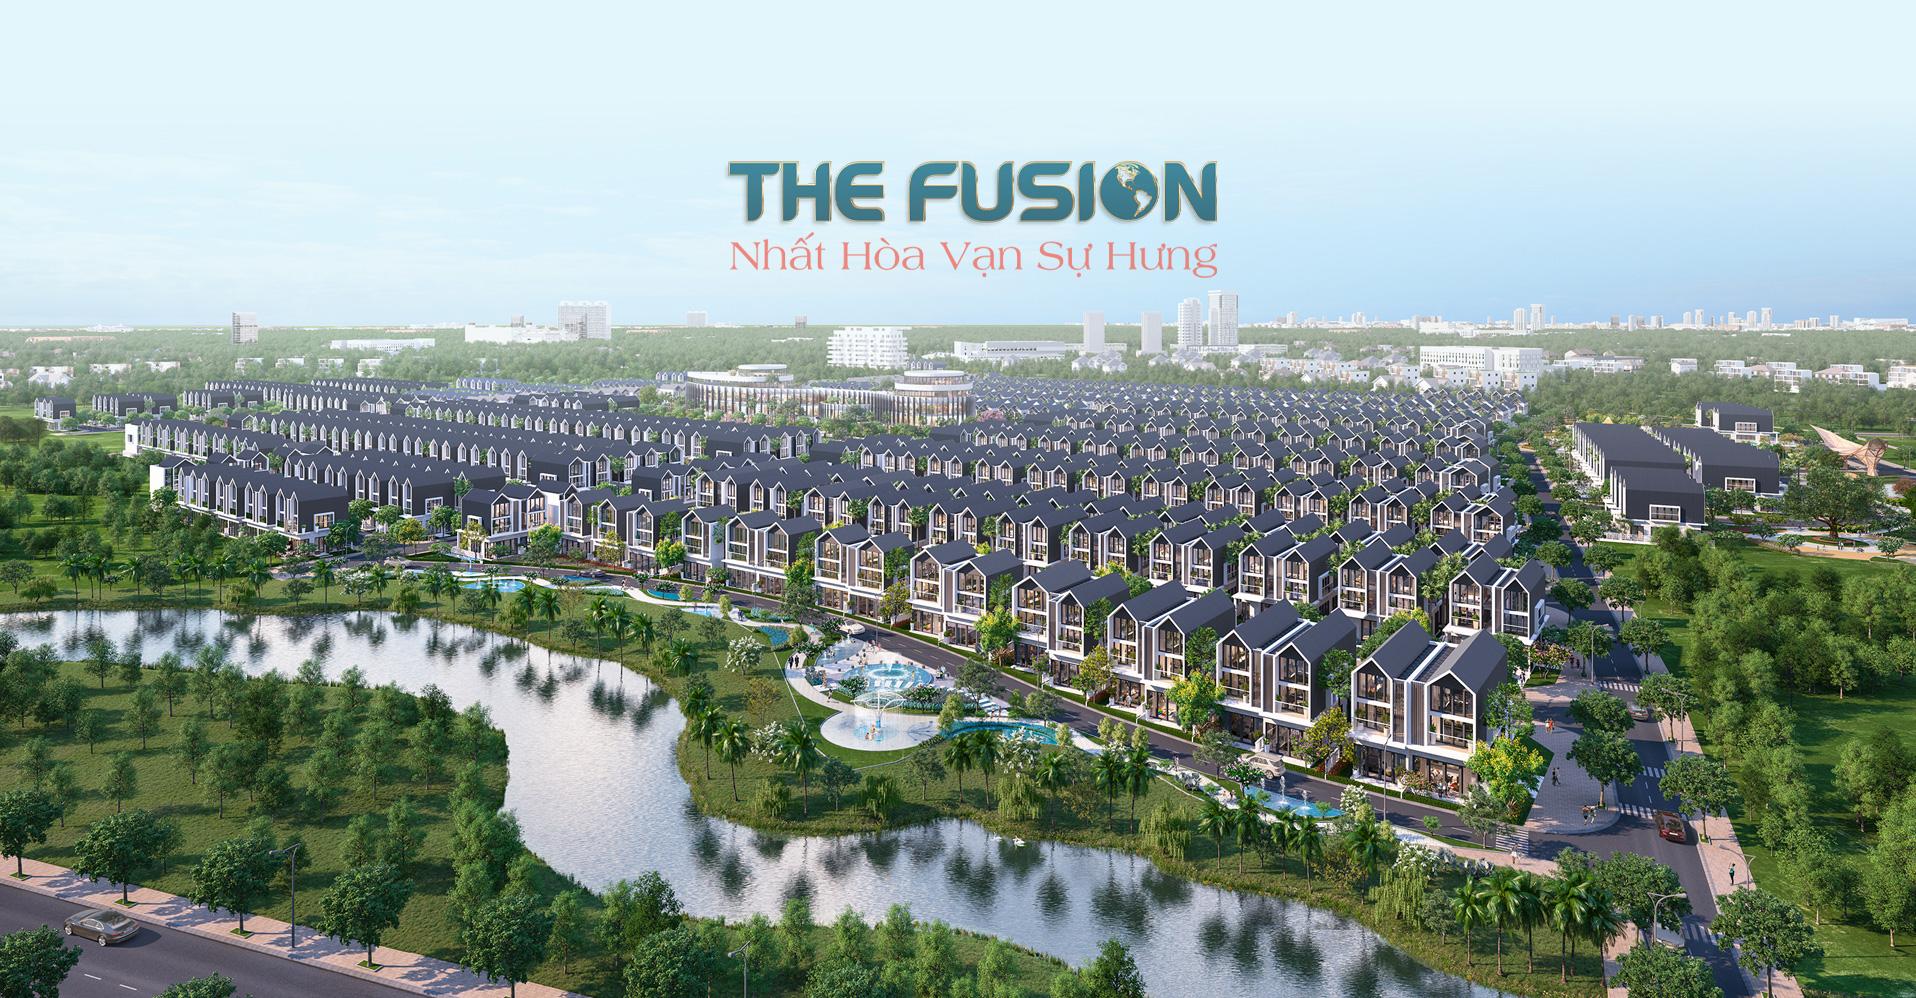 Dự Án The Fusion – Tâm điểm đầu tư bất động sản công nghiệp